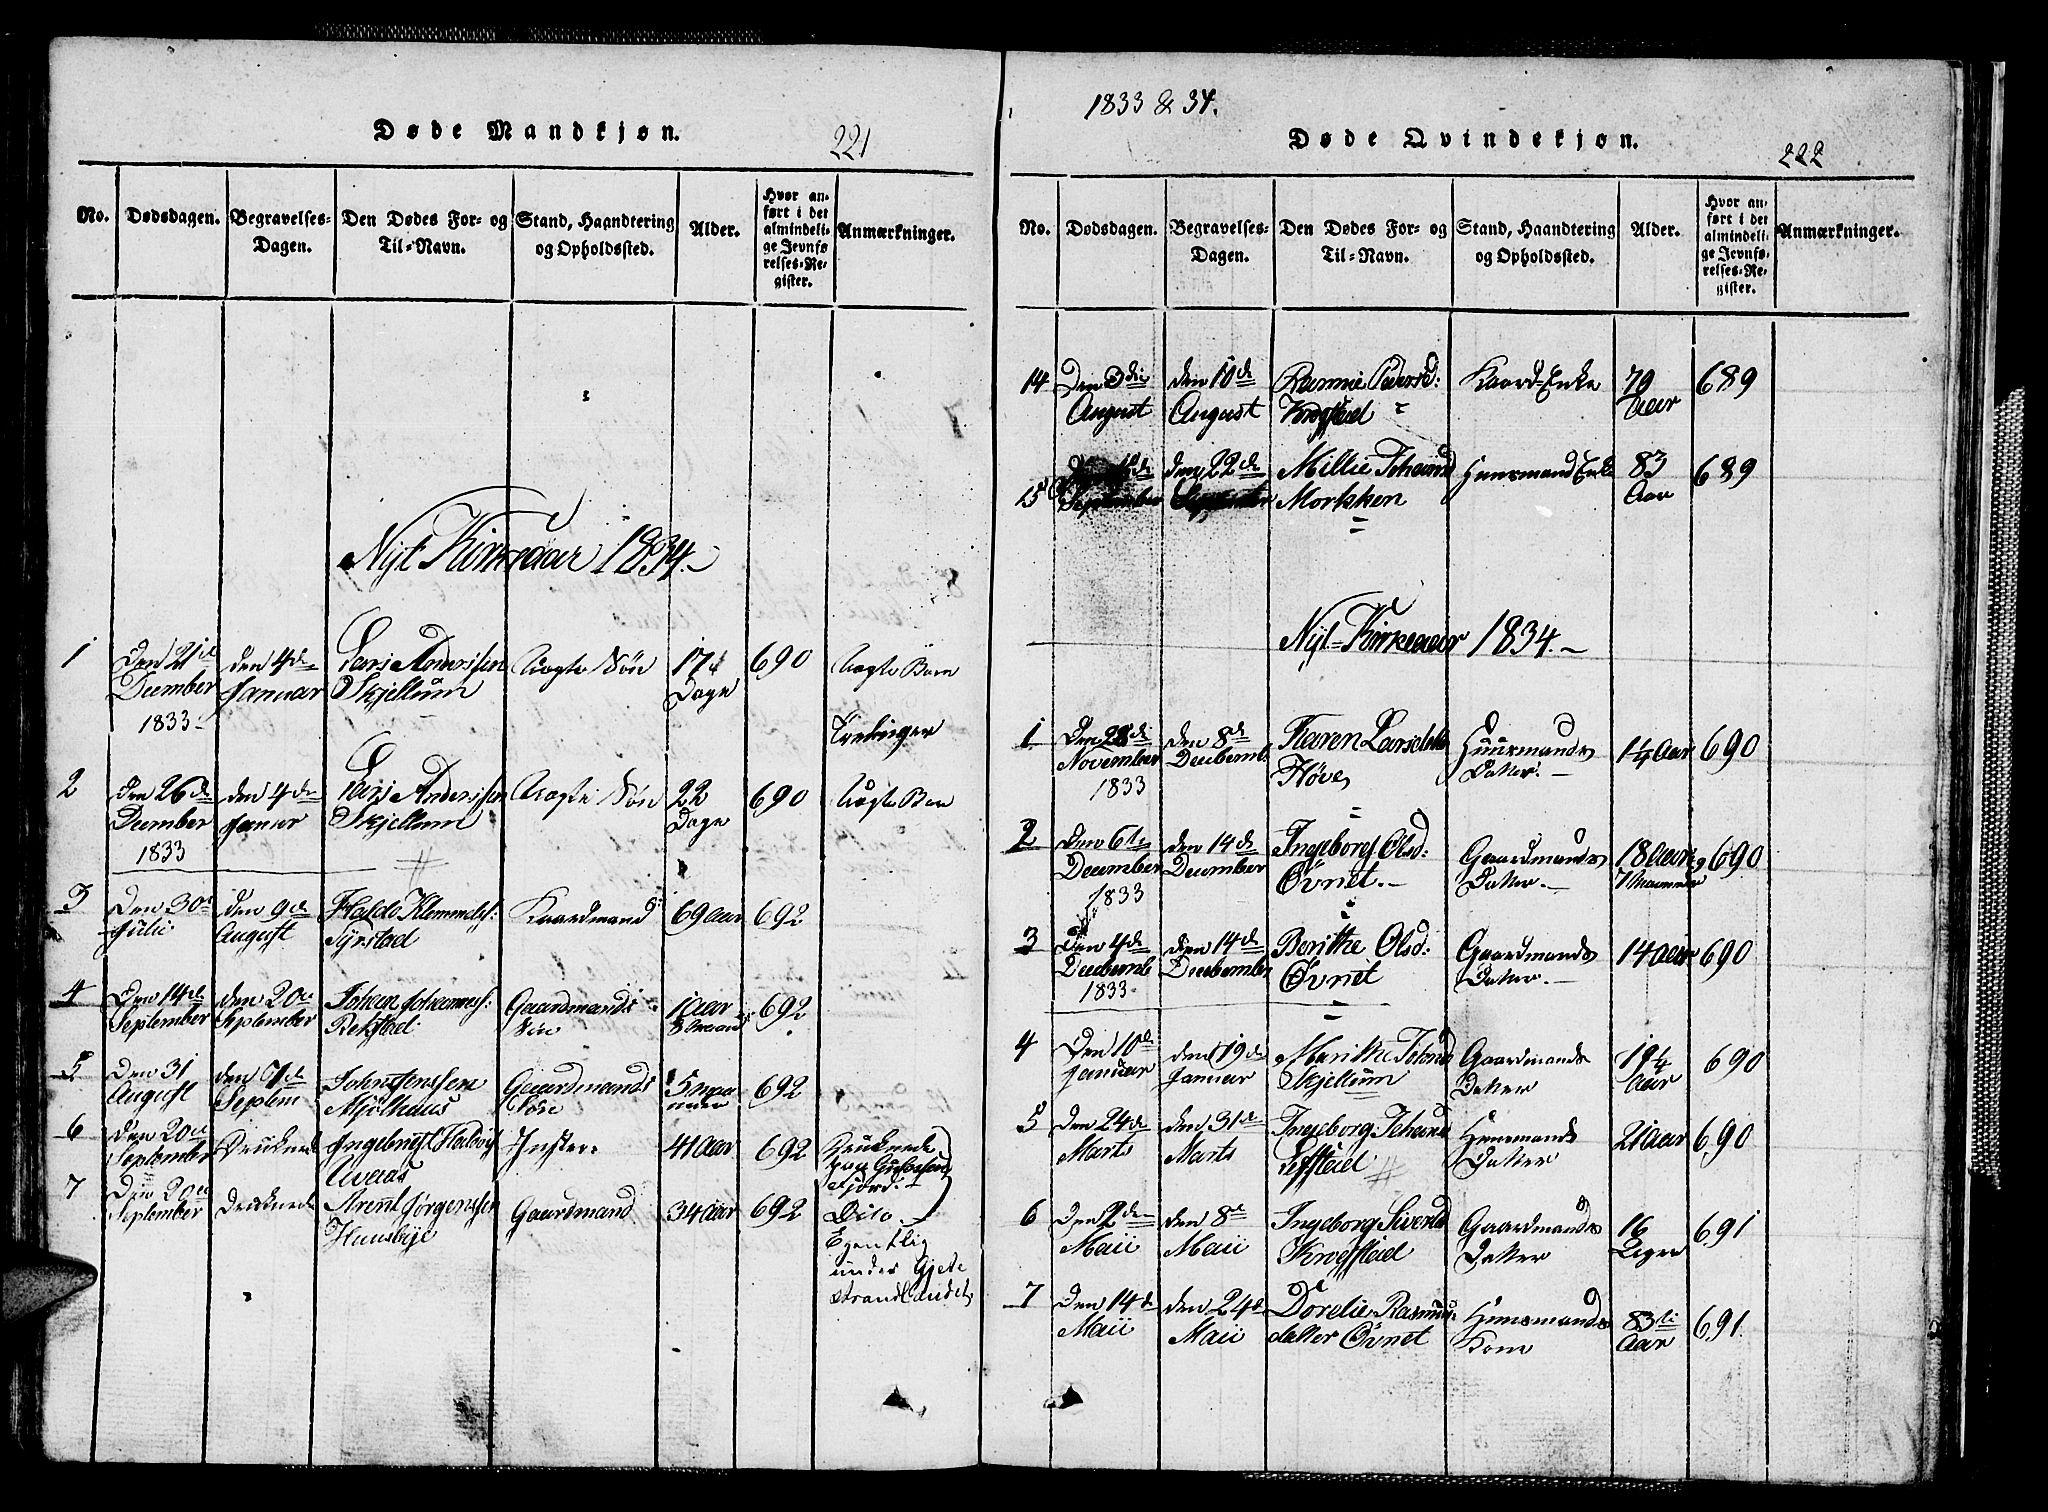 SAT, Ministerialprotokoller, klokkerbøker og fødselsregistre - Sør-Trøndelag, 667/L0796: Klokkerbok nr. 667C01, 1817-1836, s. 221-222